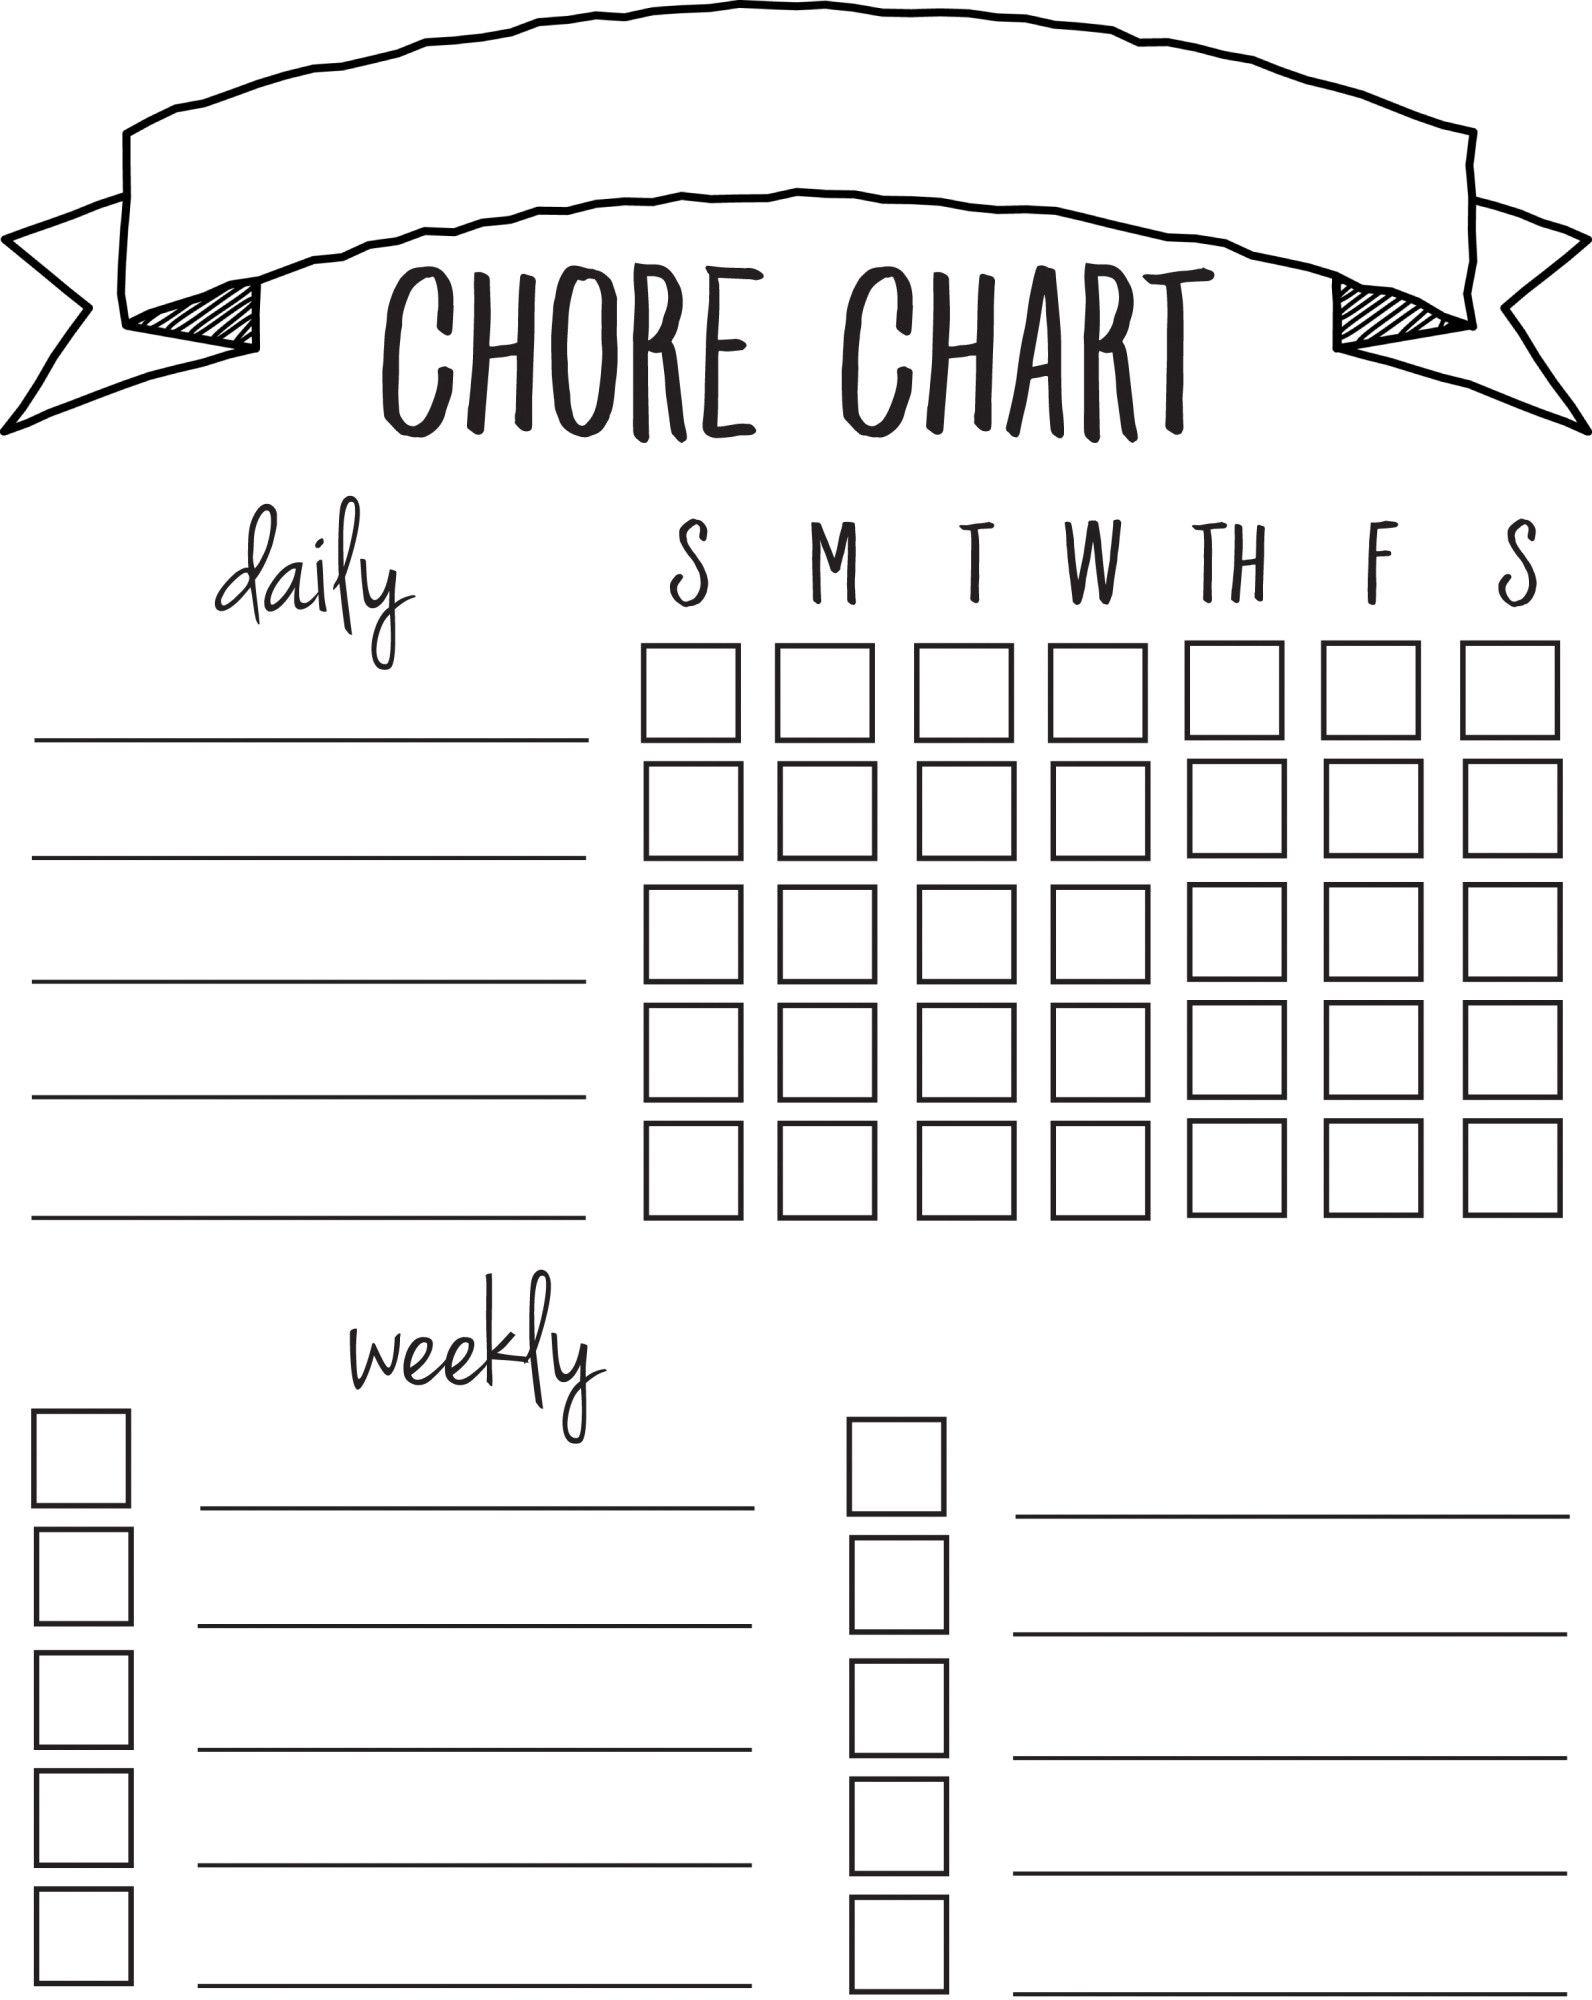 Diy Printable Chore Chart | Free Printables Nov/feb | Chore Chart - Free Printable Charts And Lists